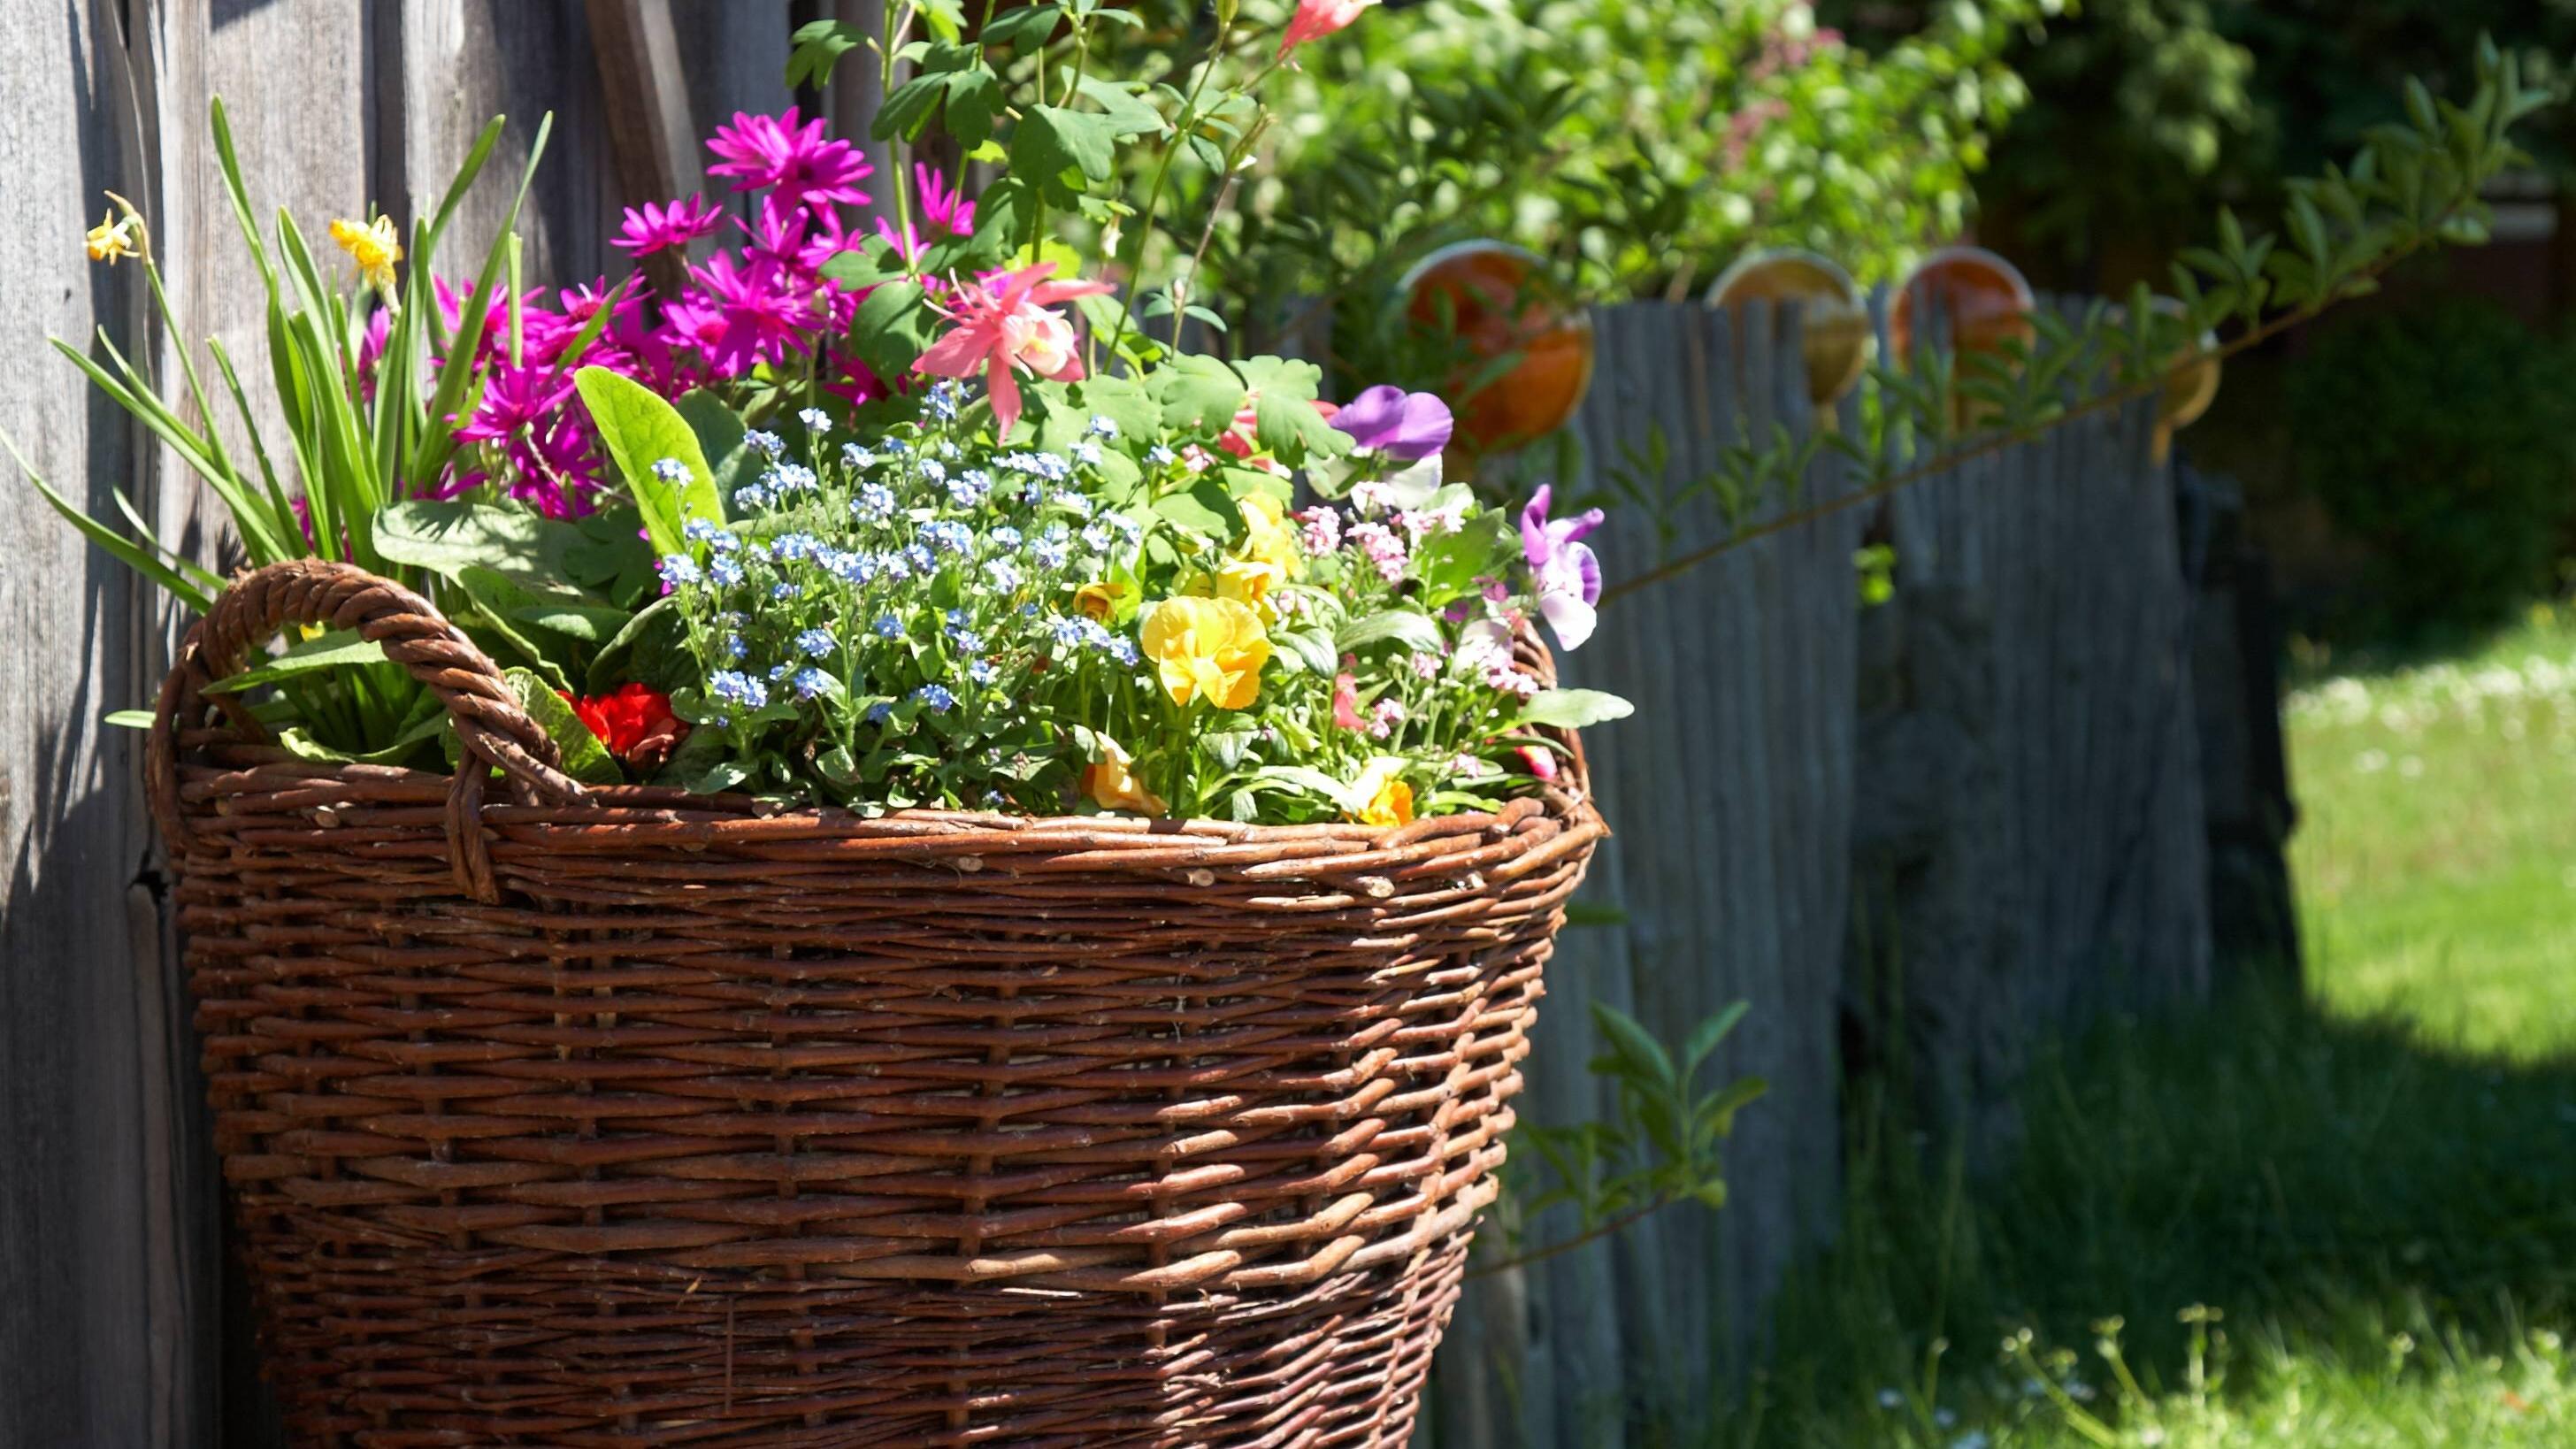 Ein Korb lässt sich mit Blumen schön und einfach dekorieren